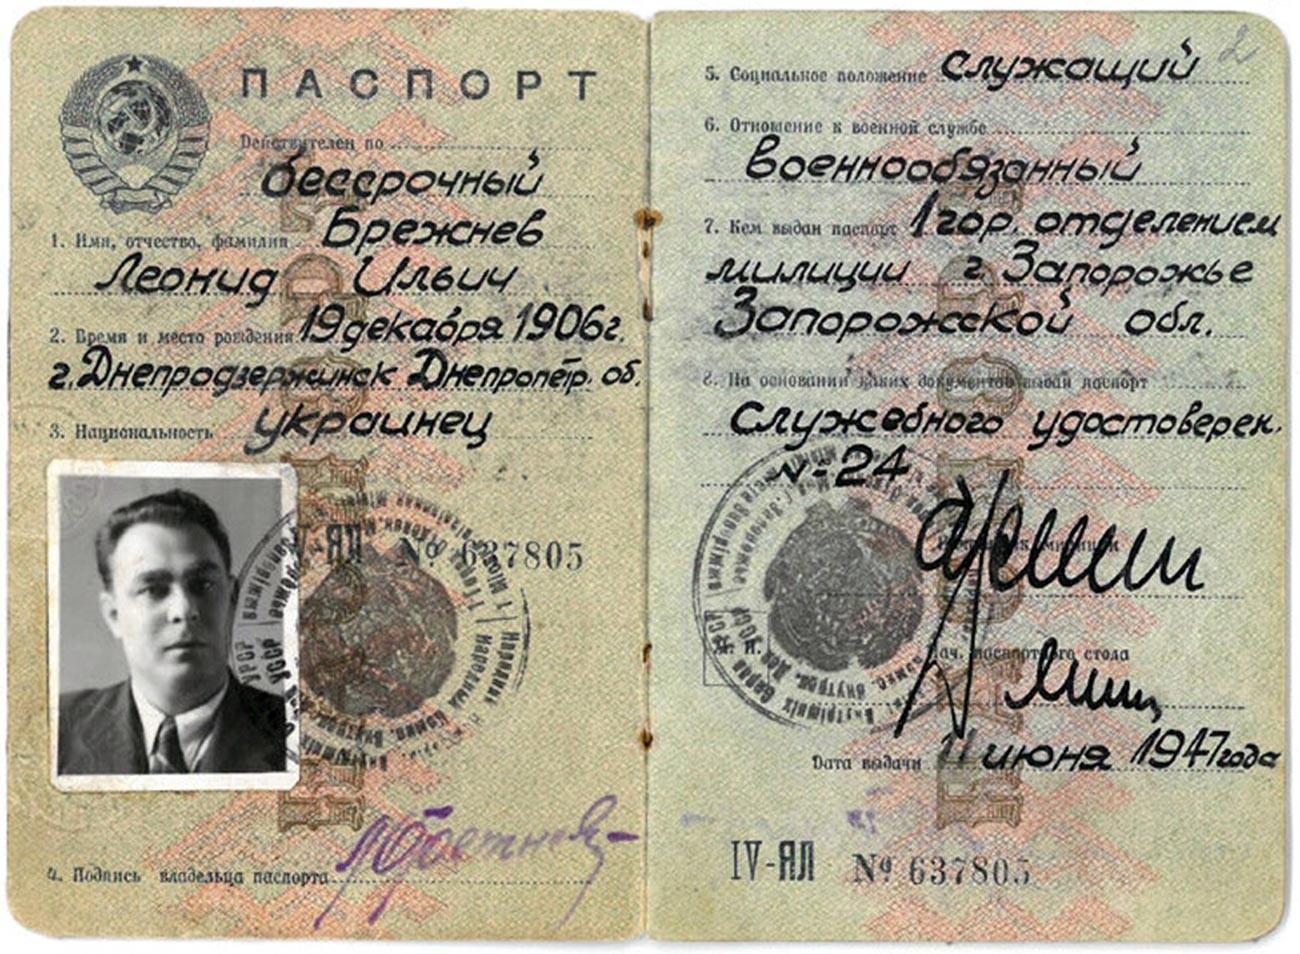 レオニード・ブレジネフのパスポート